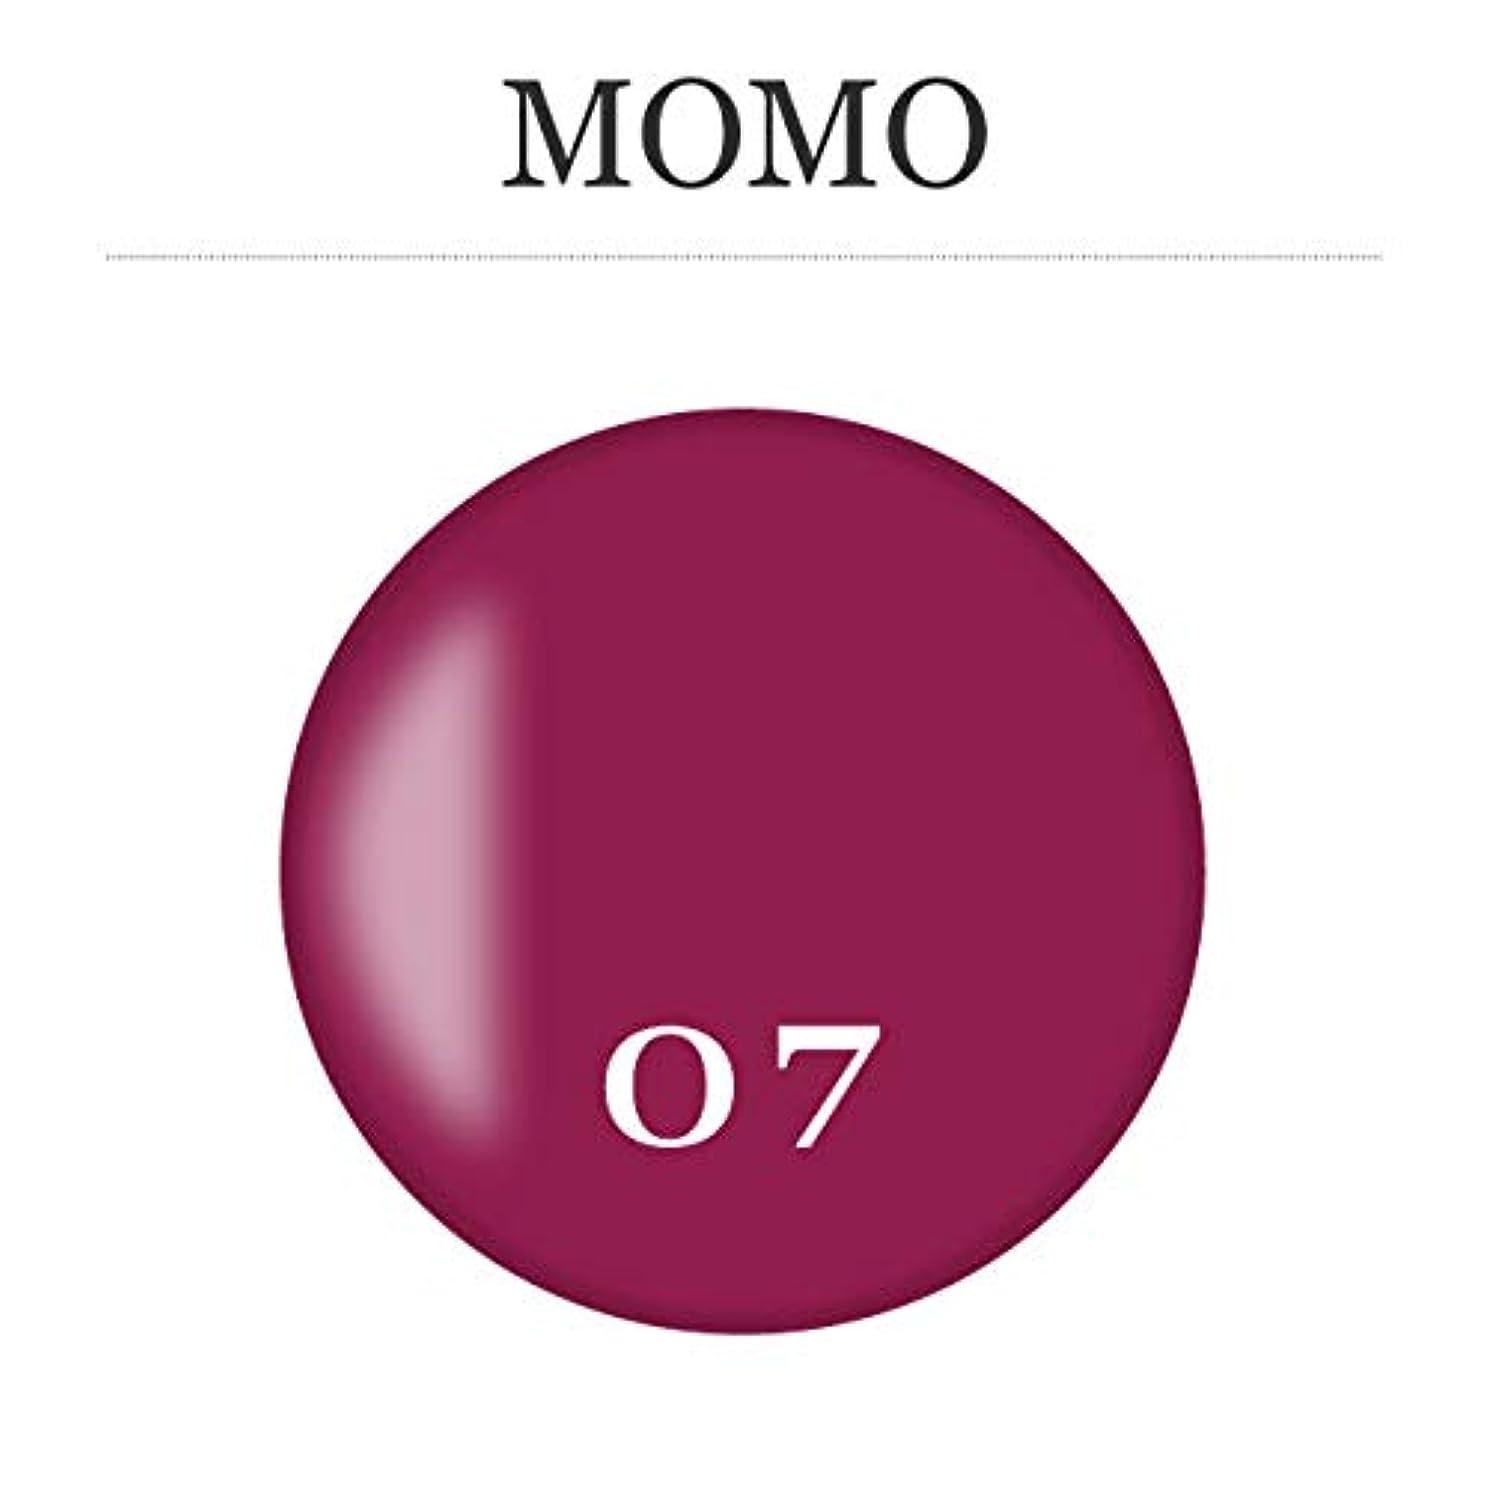 牛肉酸度計り知れないカラージェル MOMO-07 by nail for all